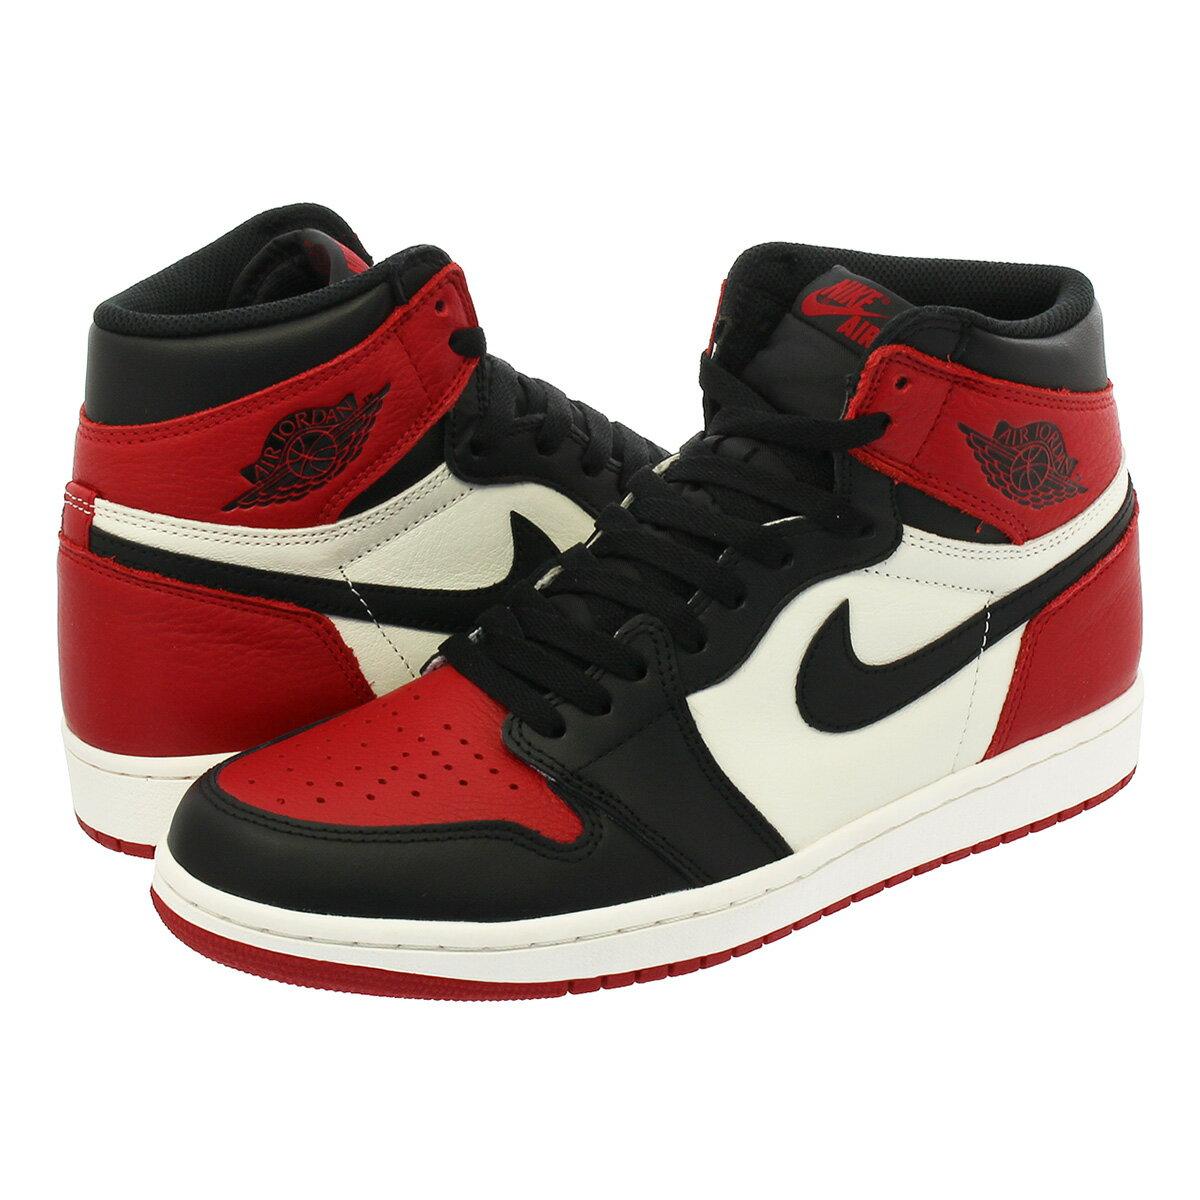 メンズ靴, スニーカー NIKE AIR JORDAN 1 RETRO HIGH OG BRED TOE 1 OG GYM REDBLACKSUMMIT WHITE 555088-610